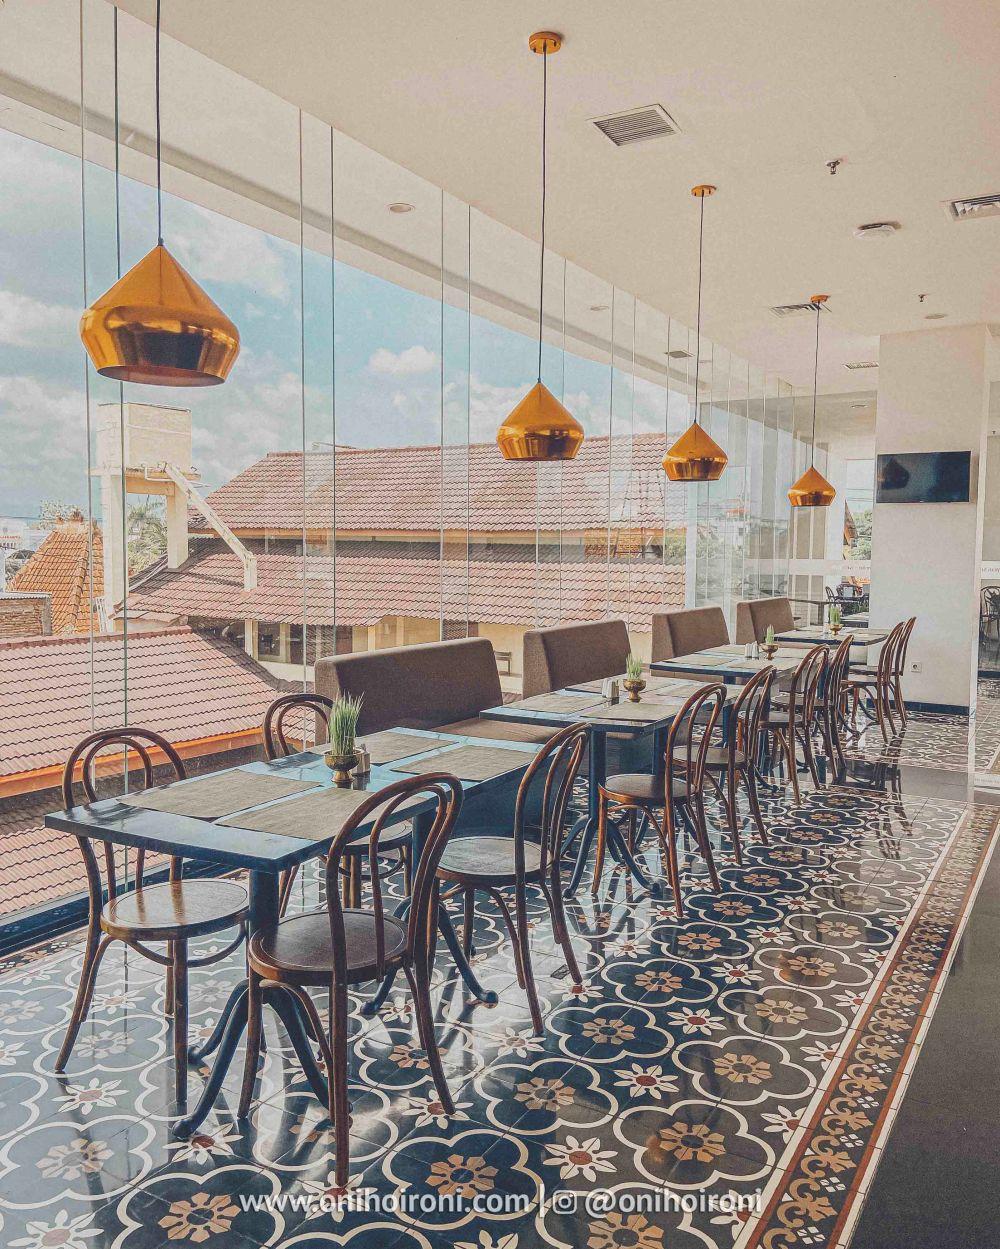 5 Restaurant whiz prime hotel maliboro review oni hoironi